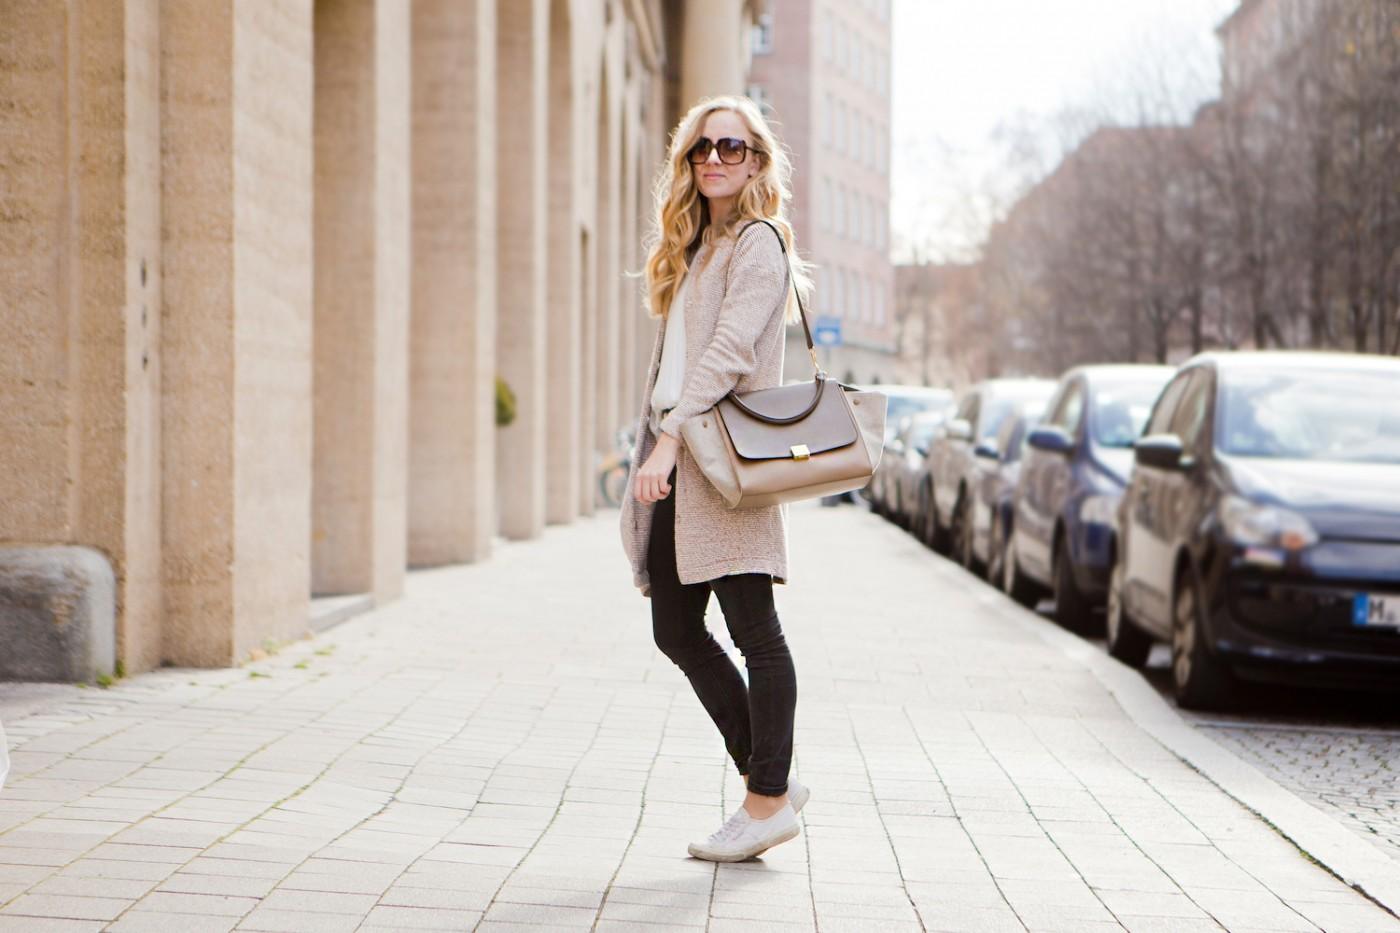 Céline Trapeze Bag, Cozy knit wear look, The Golden Bun | München Modeblog, German Fashion Blog, Fashionblogger, new trends